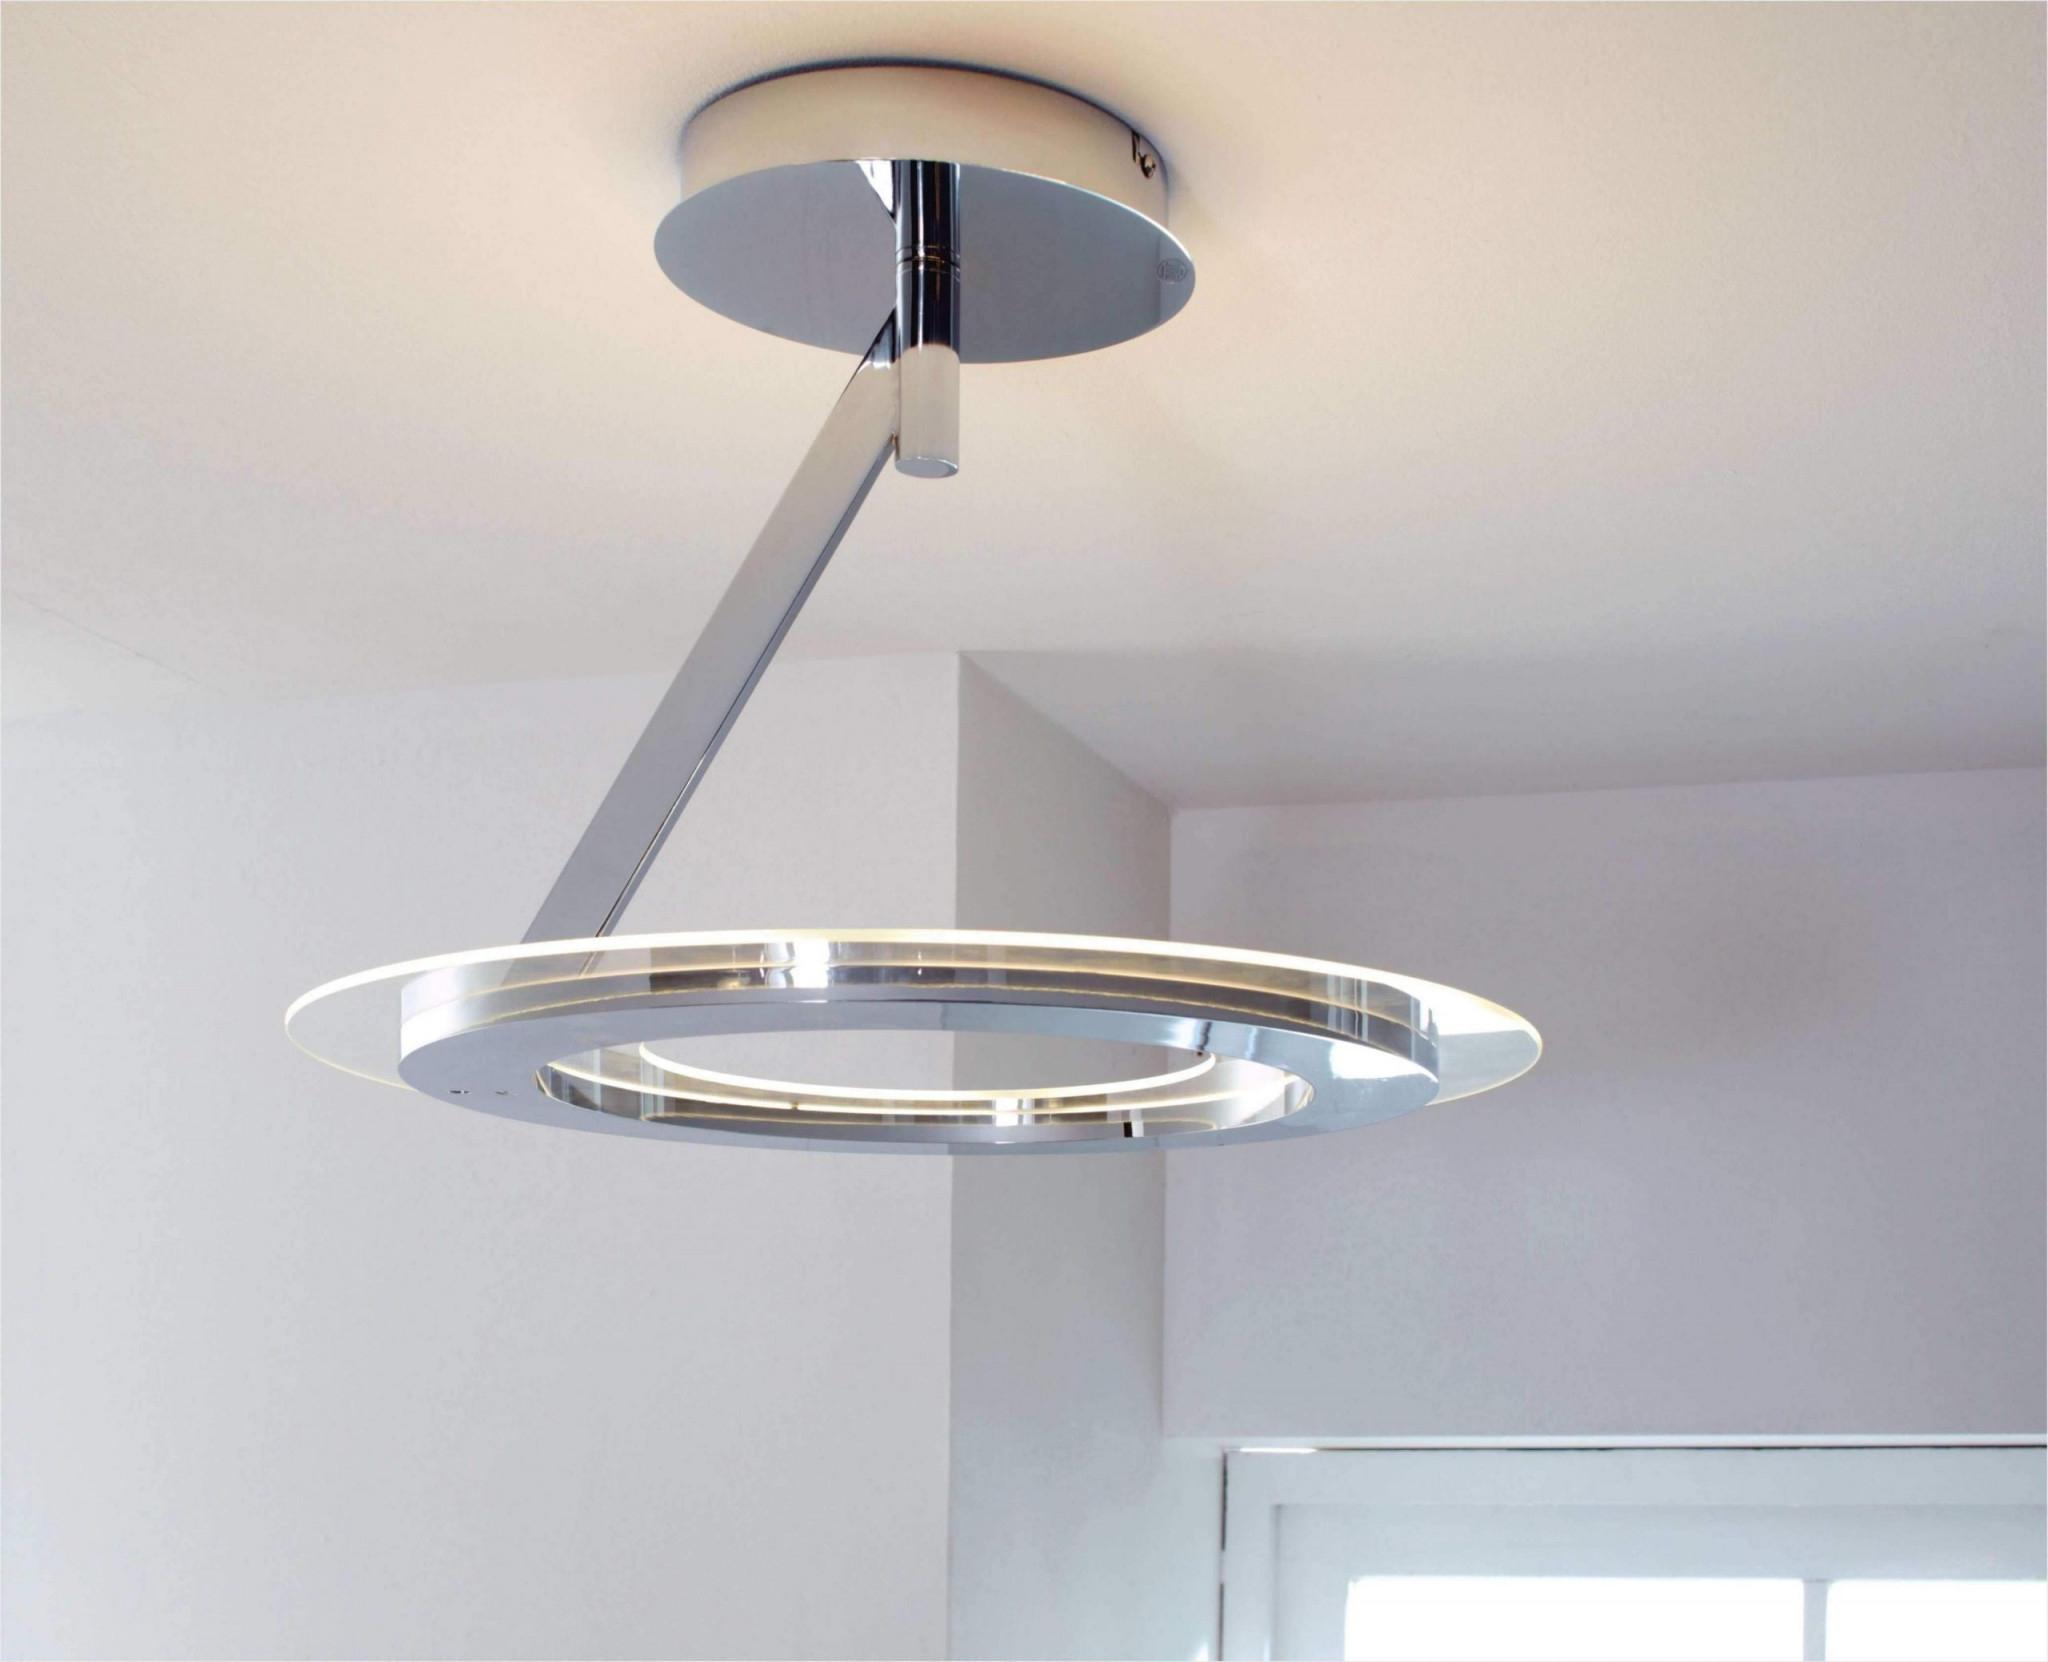 29 Genial Wohnzimmer Deckenleuchte Led Reizend  Wohnzimmer von Wohnzimmer Led Deckenlampe Bild